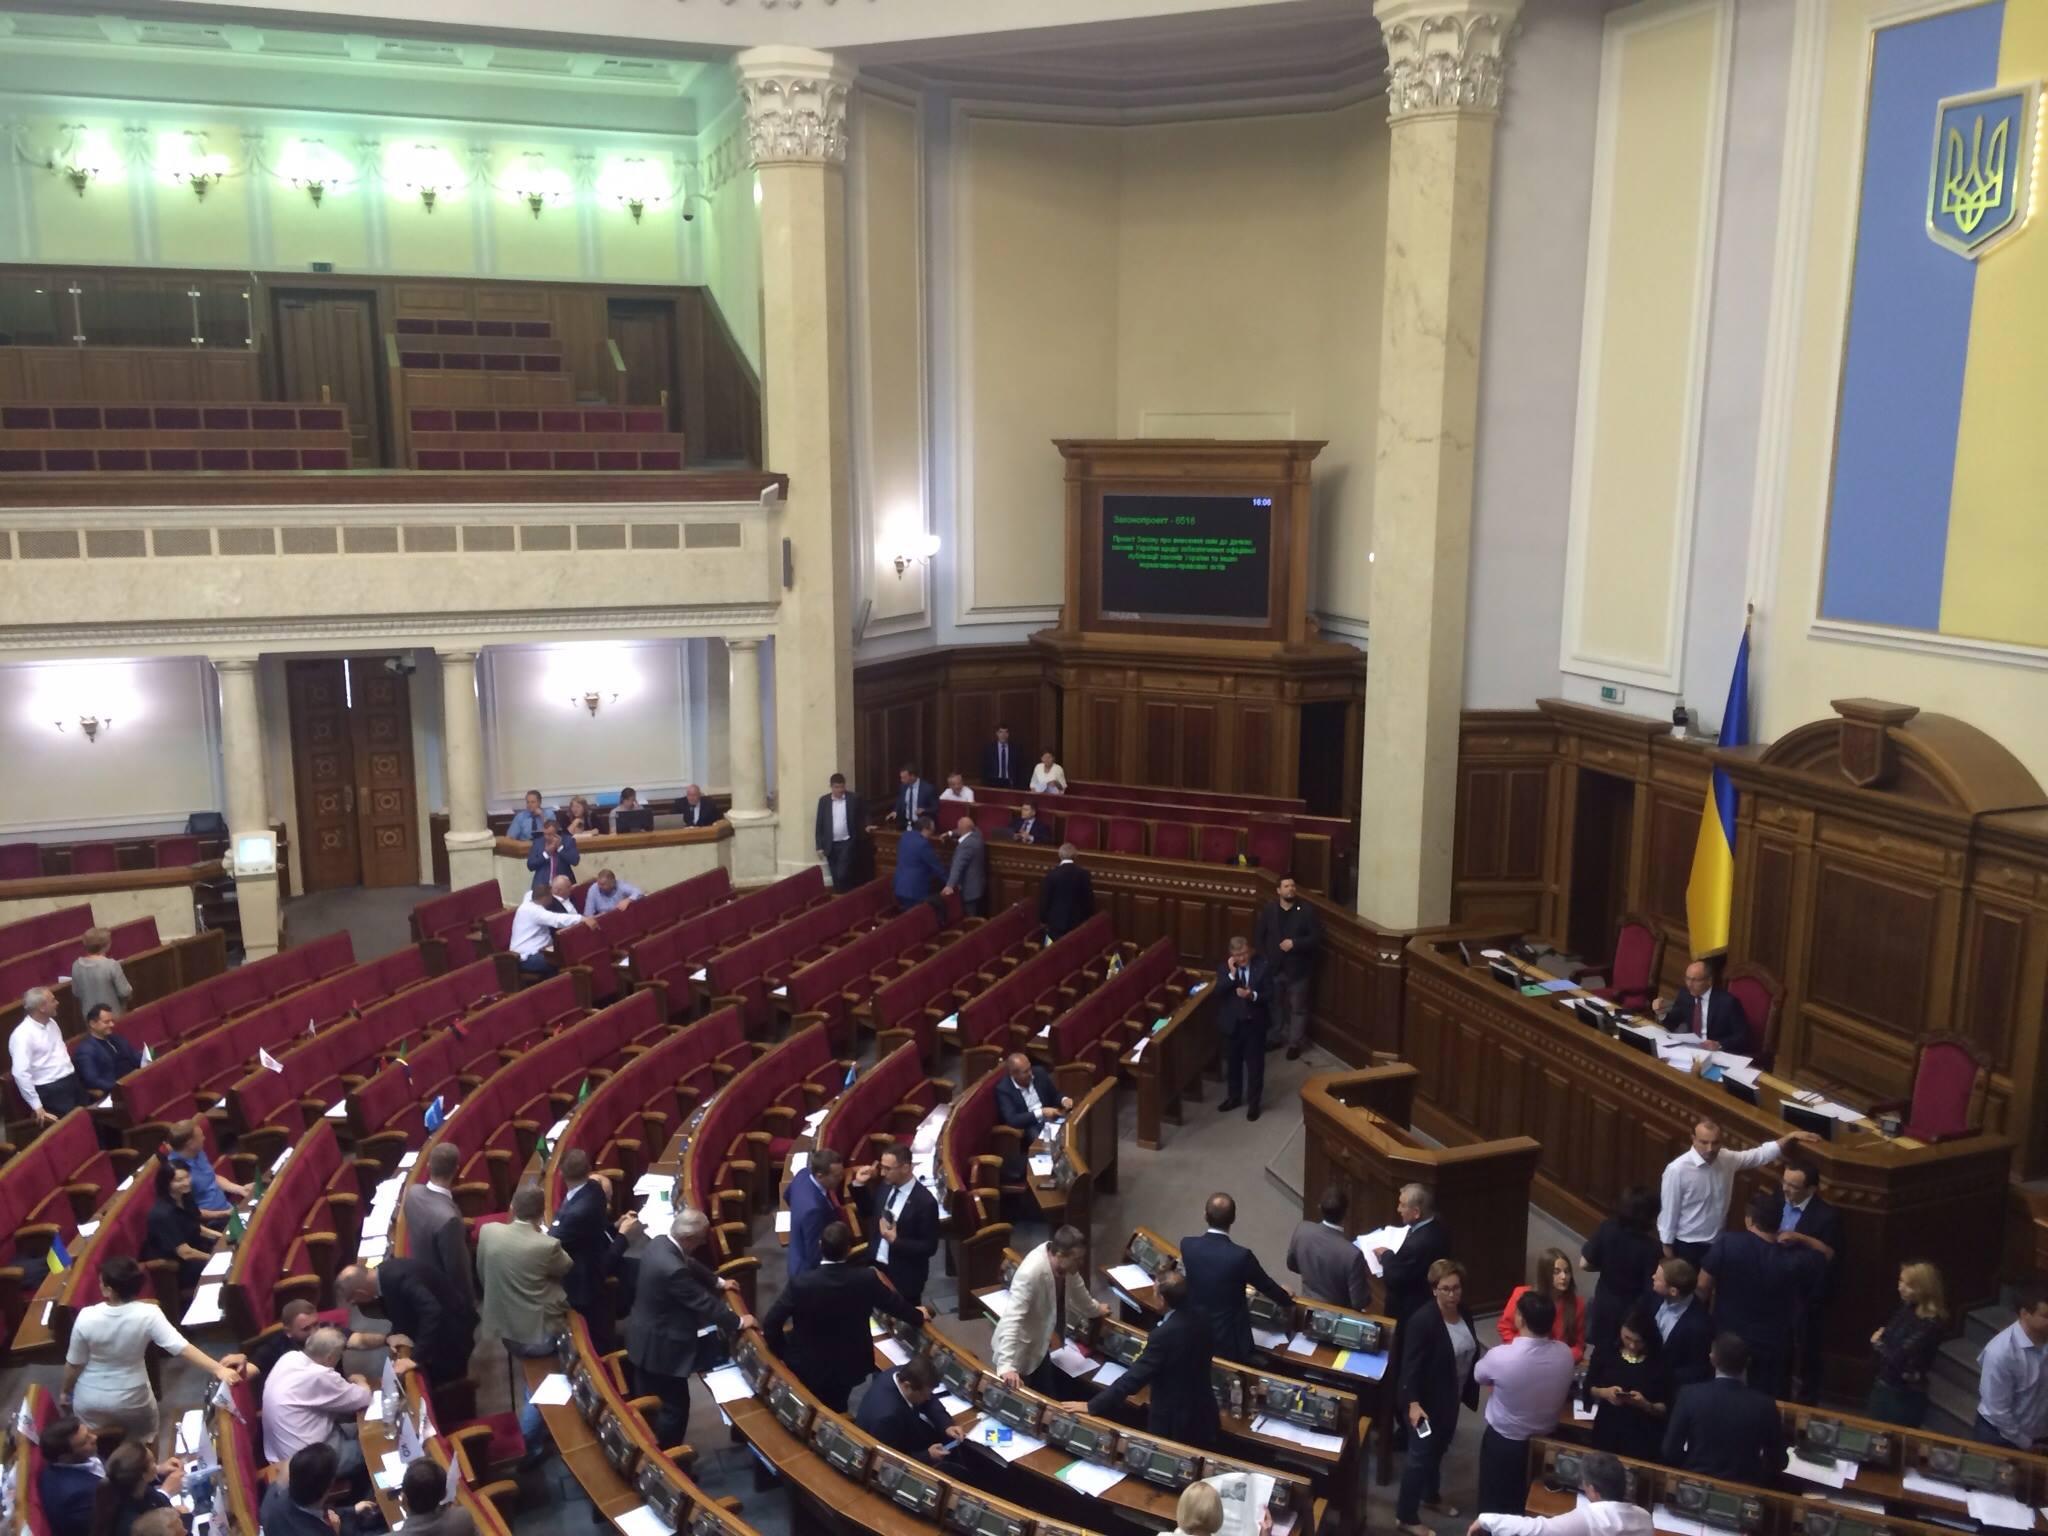 Парламент принял решения, несмотря на демарш многих нардепов из БПП и без одобрения президента